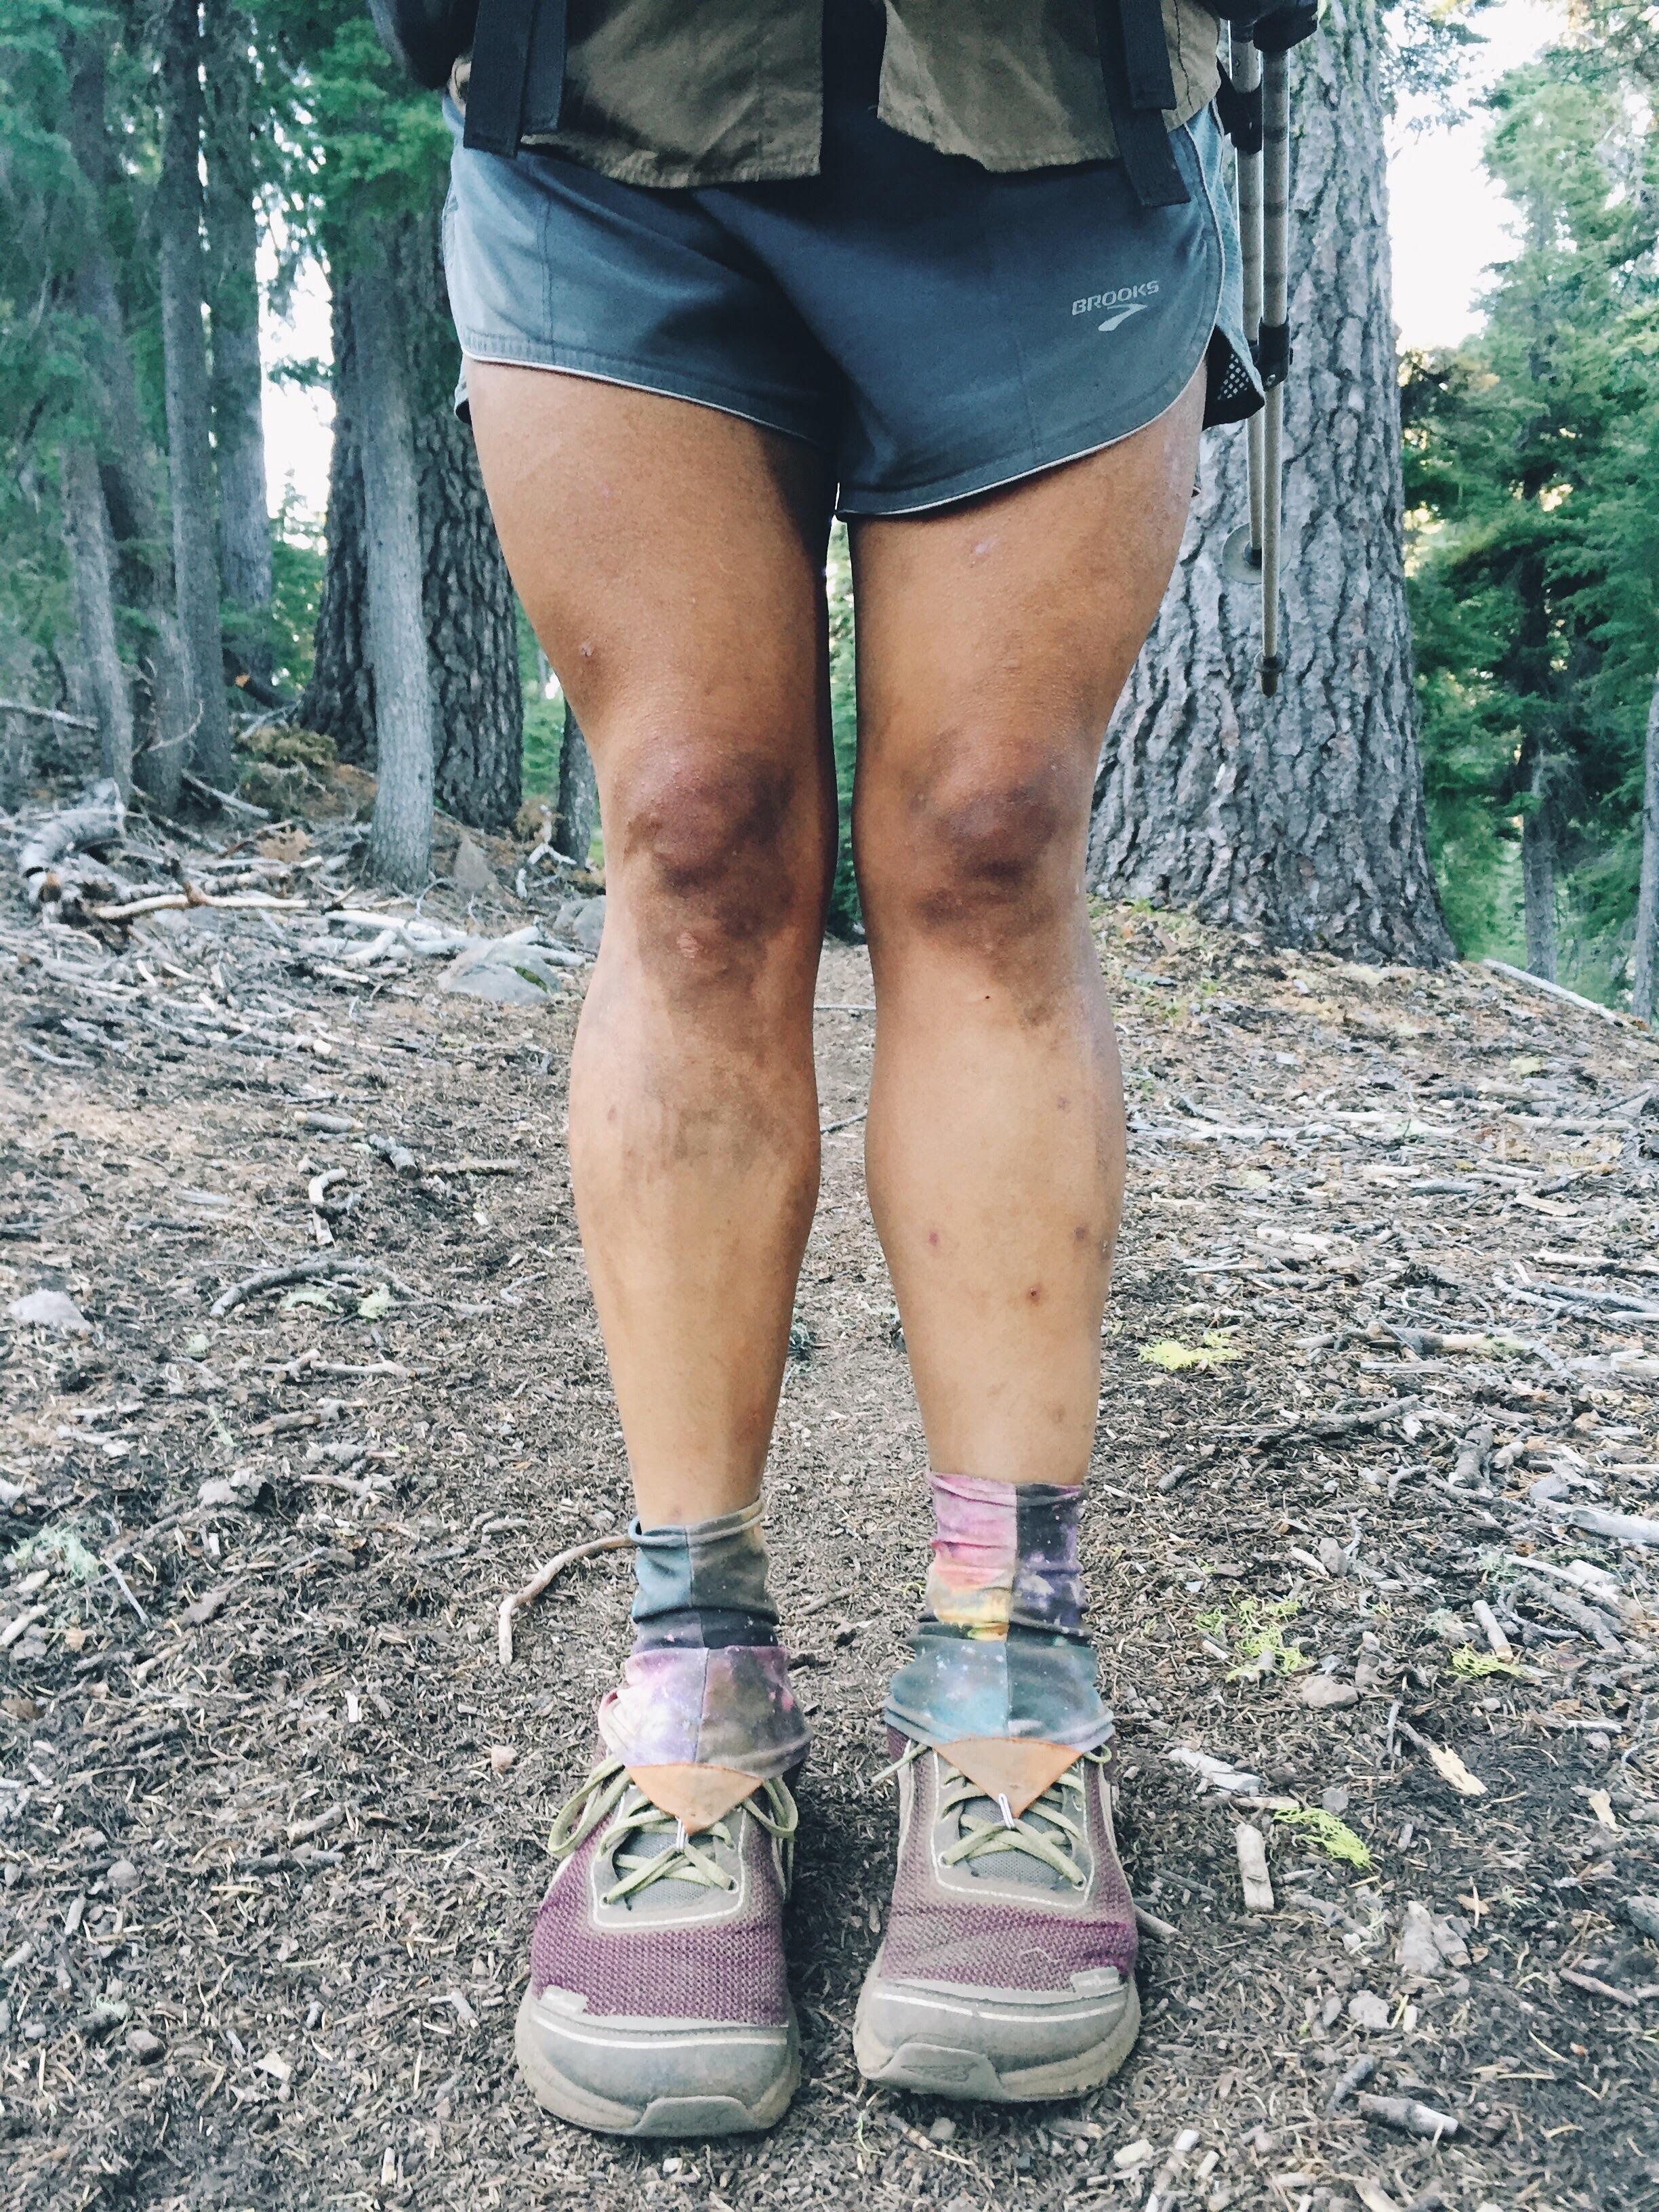 Left leg swelling.